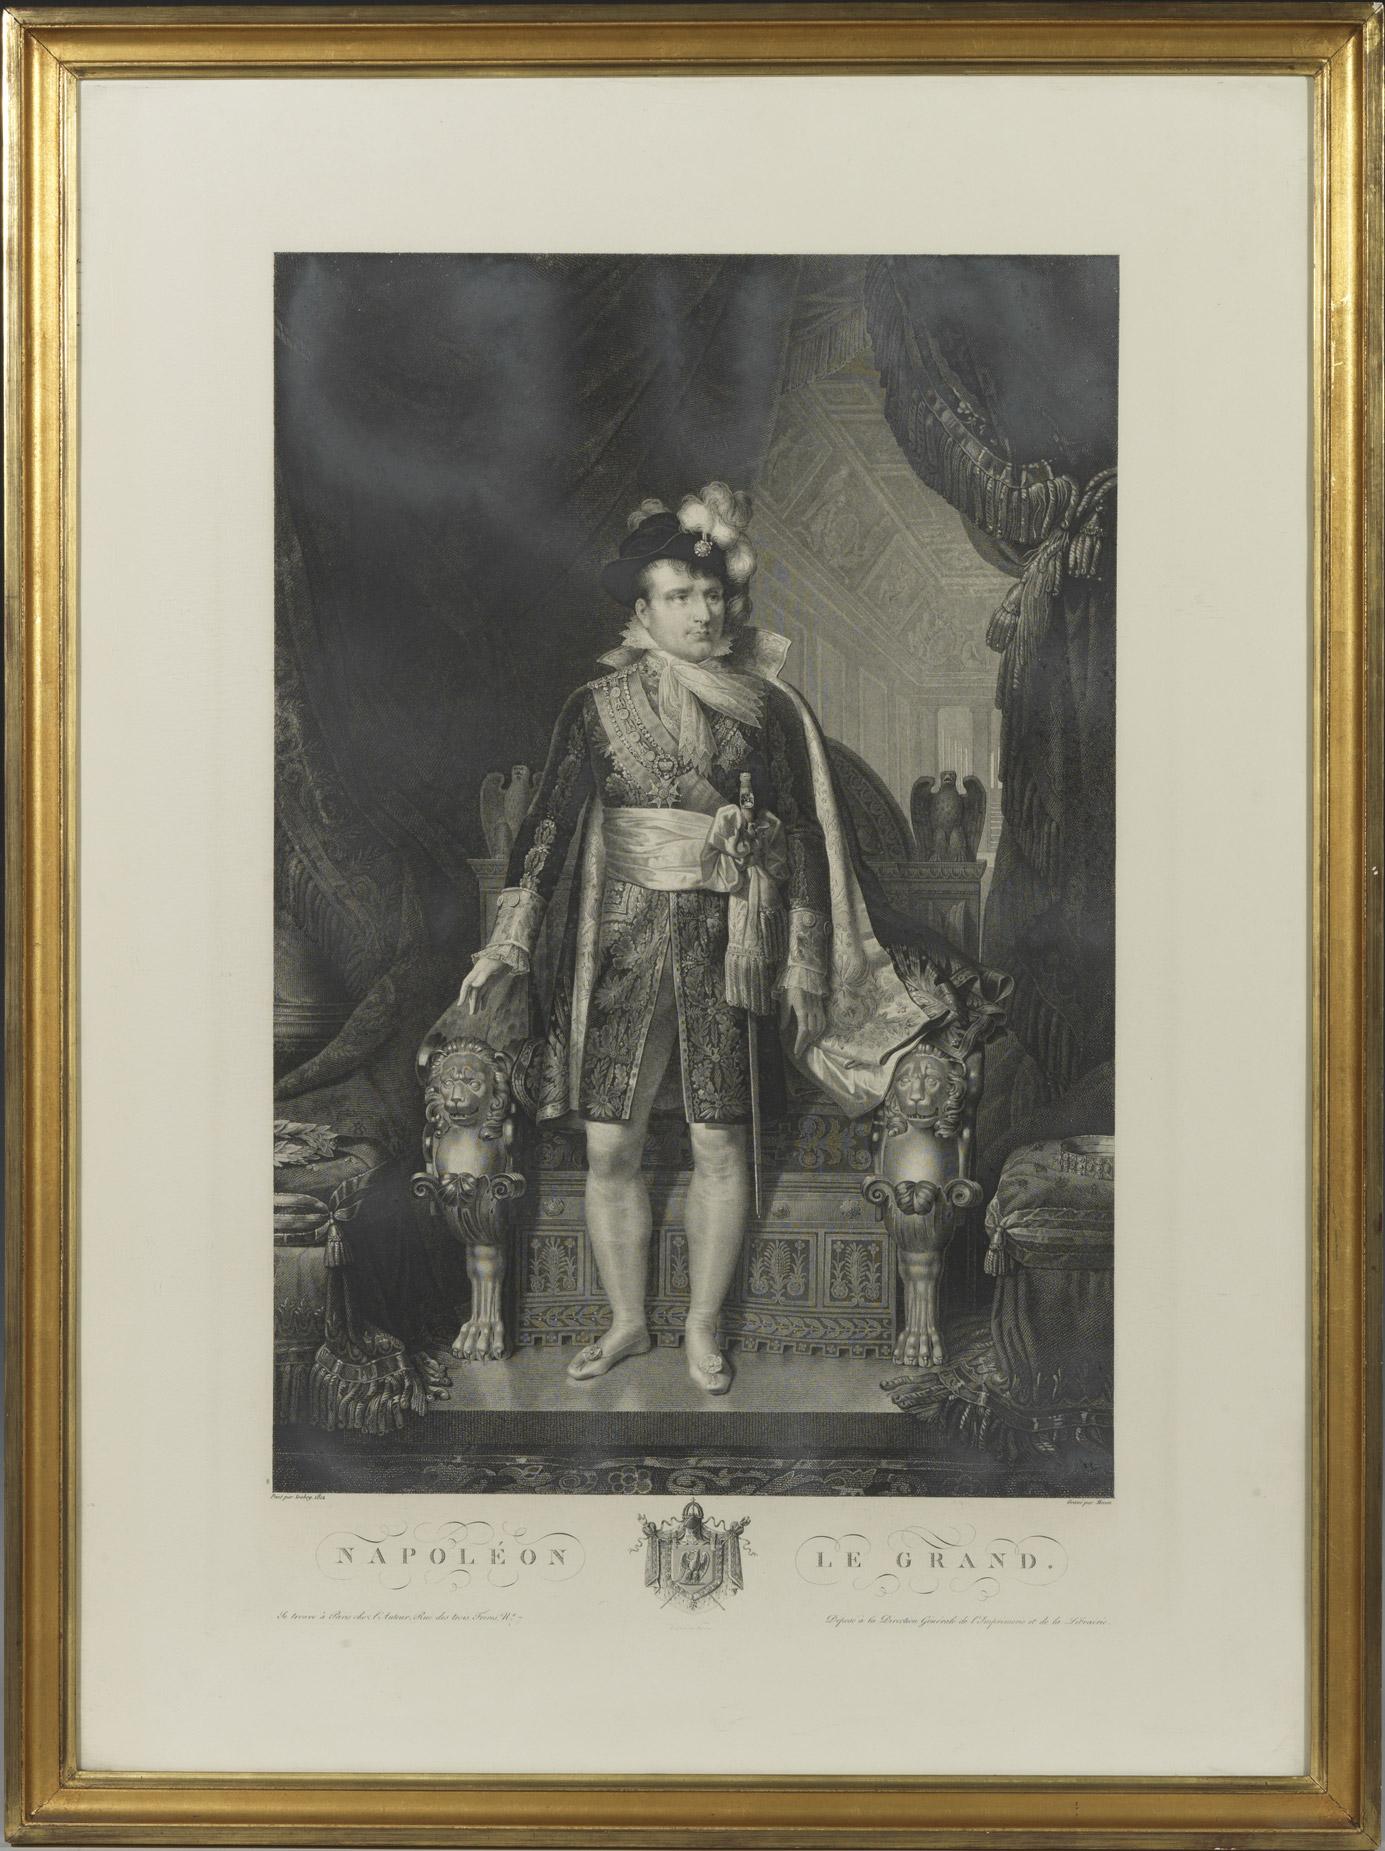 Gravure : Napoléon d'après Isabey - Patrimoine Charles-André COLONNA WALEWSKI, en ligne directe de Napoléon